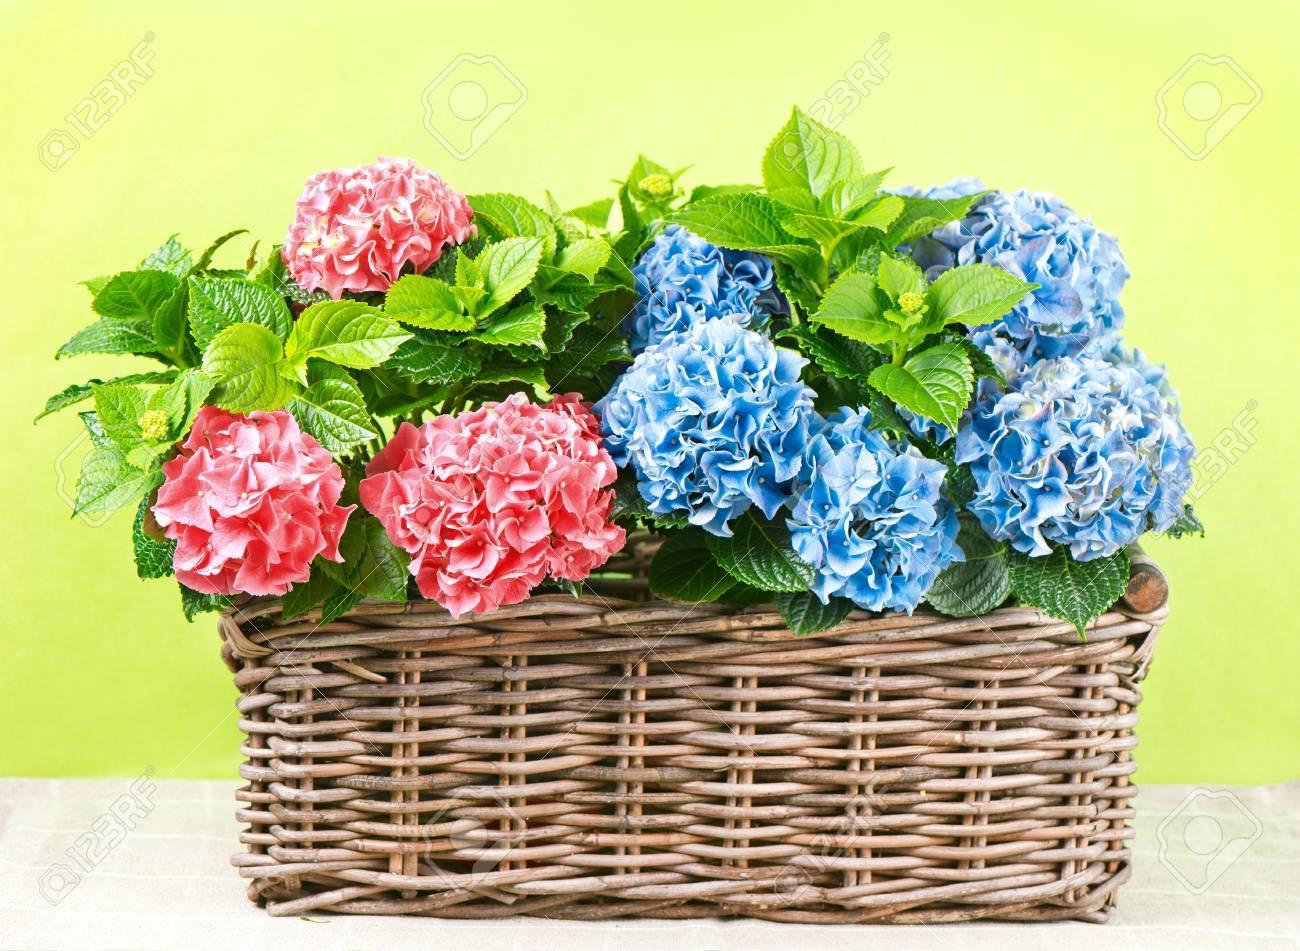 Atemberaubend Bunten Hortensien Im Korb Auf Grünem Hintergrund Schöne Rosa Und @EC_87